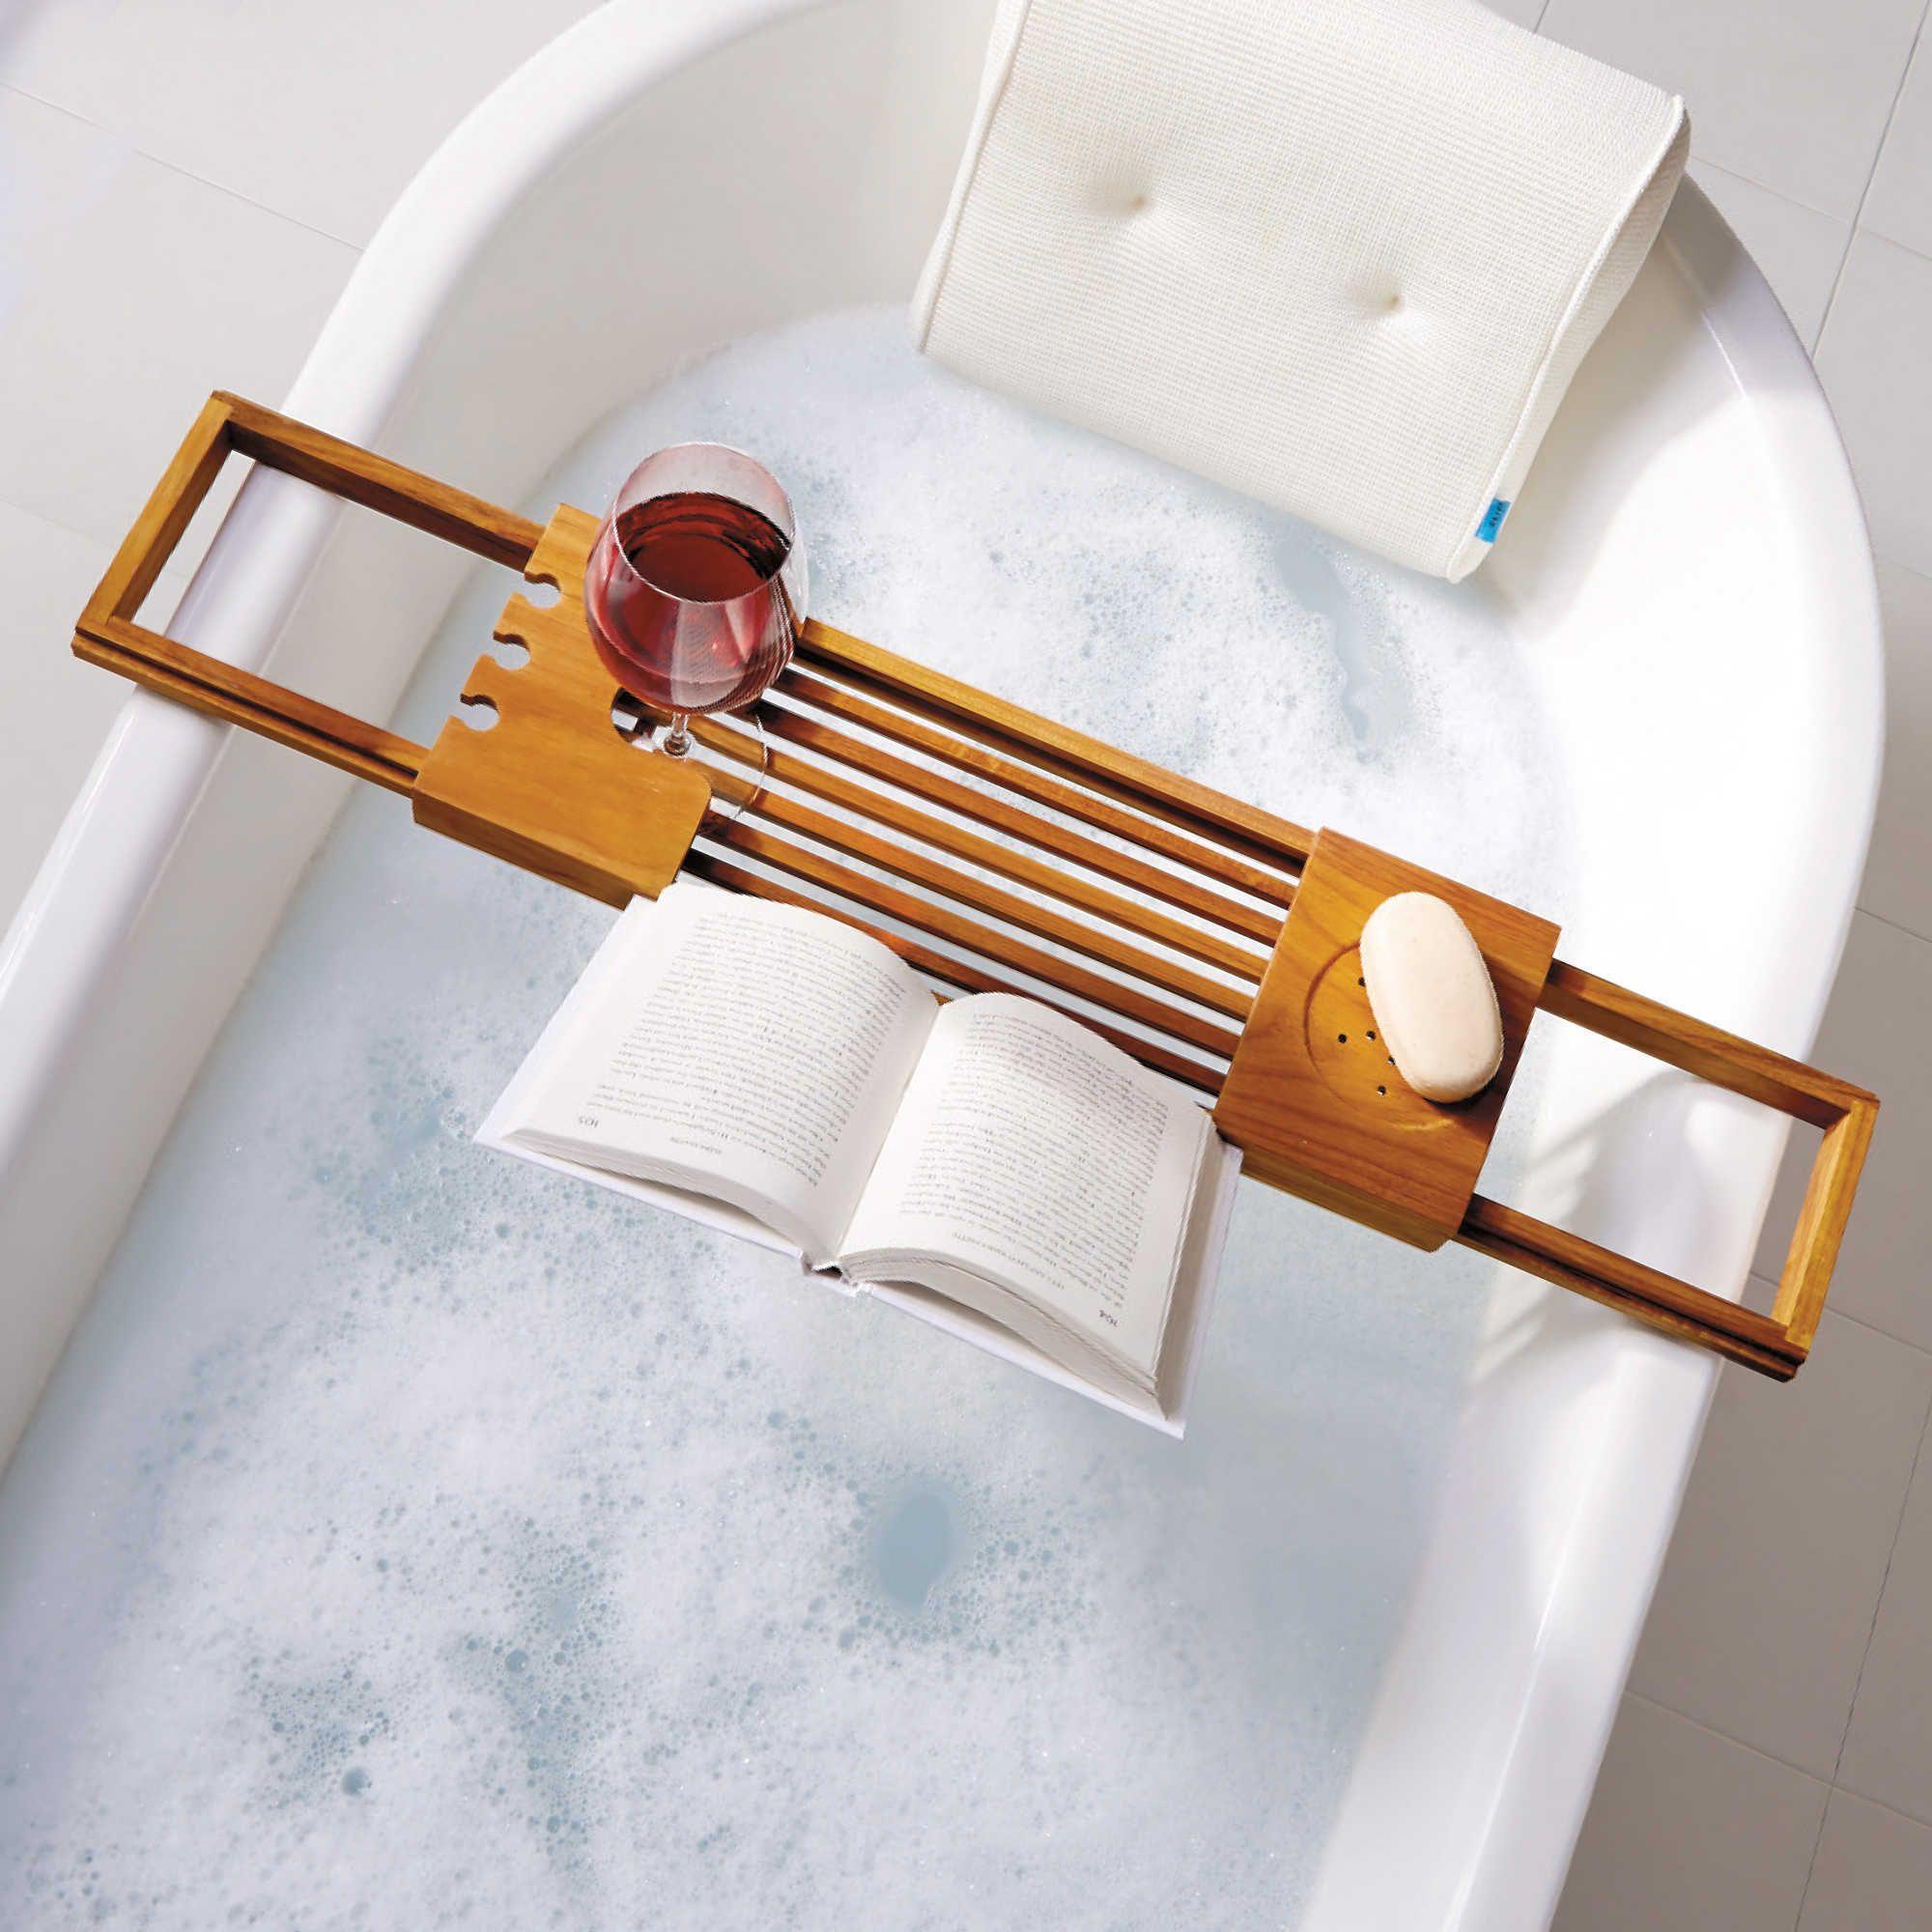 Teak bathtub tray caddy saw this at bed bath u beyond i love baths